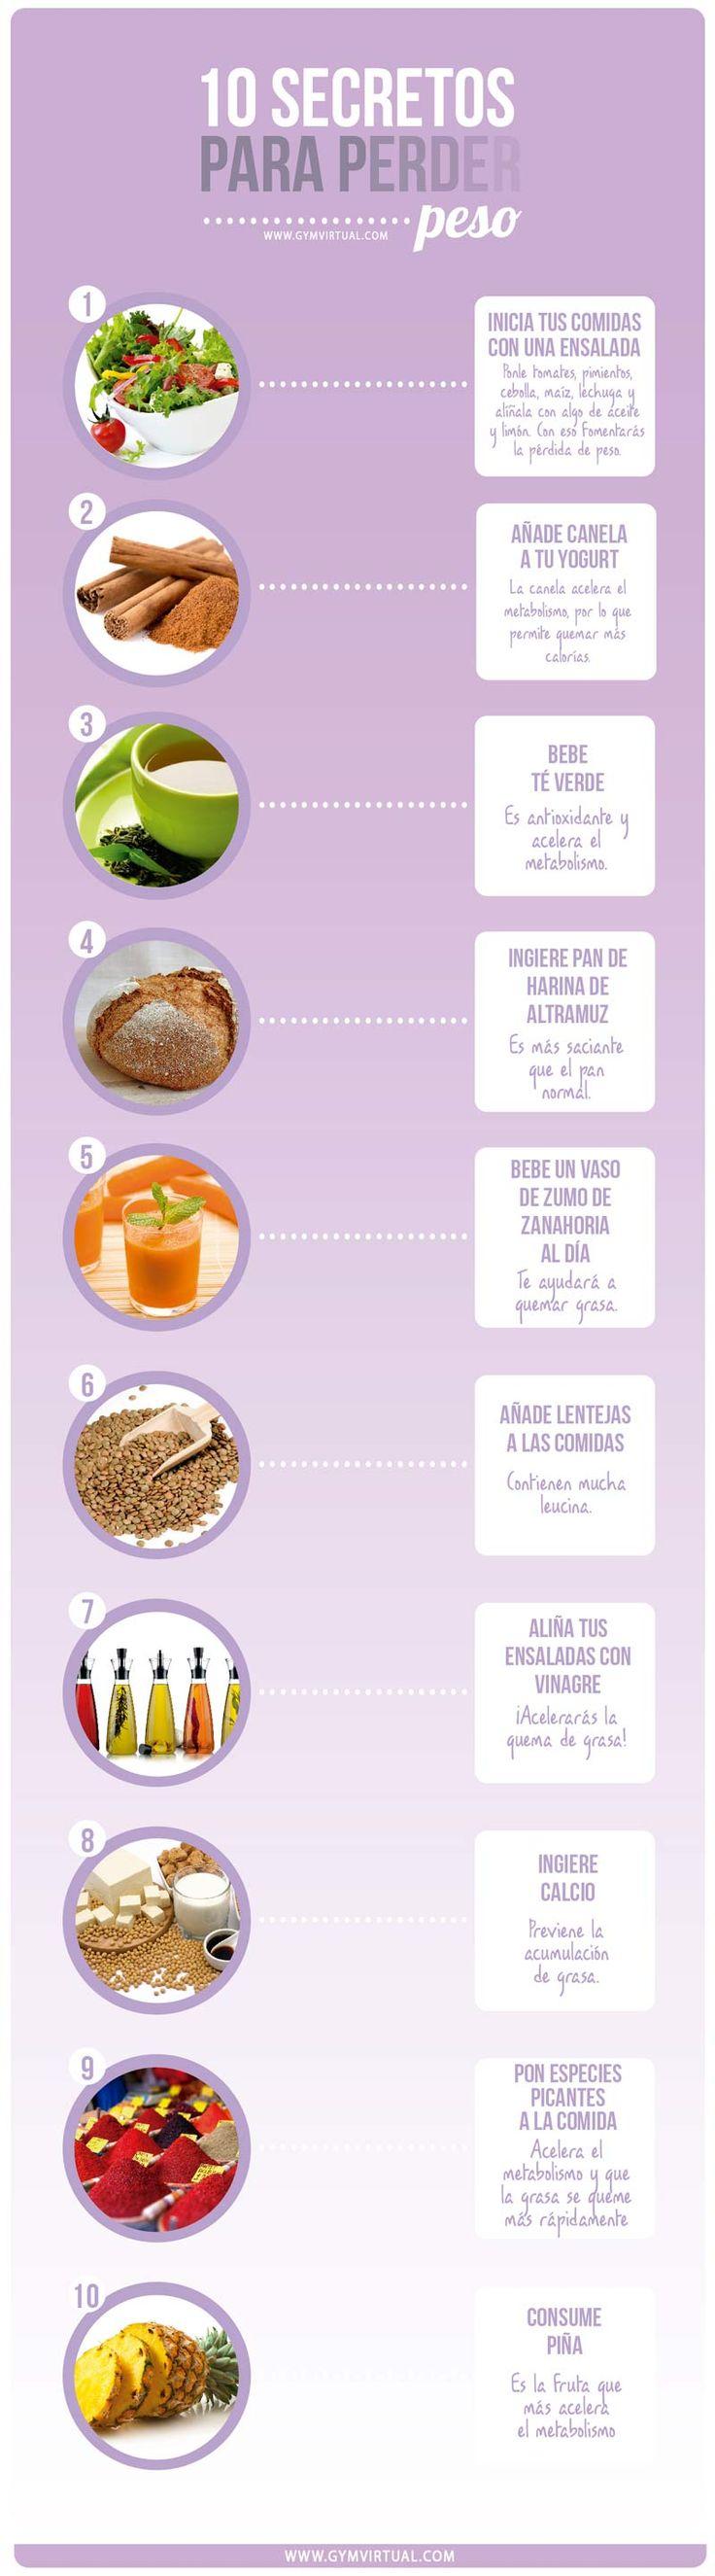 Hoy os voy a dar 10 secretos para perder peso. ¡Espero que os sirva de ayuda! 1. Inicia tus comidas con una ensalada. Ponle tomates, pimientos, cebolla, maíz, lechuga y alíñala con algo de aceite y limón. Con eso fomentarás la pérdida de peso. 2. Añade canela a tu yogur. La canela acelera el metabolismo, …